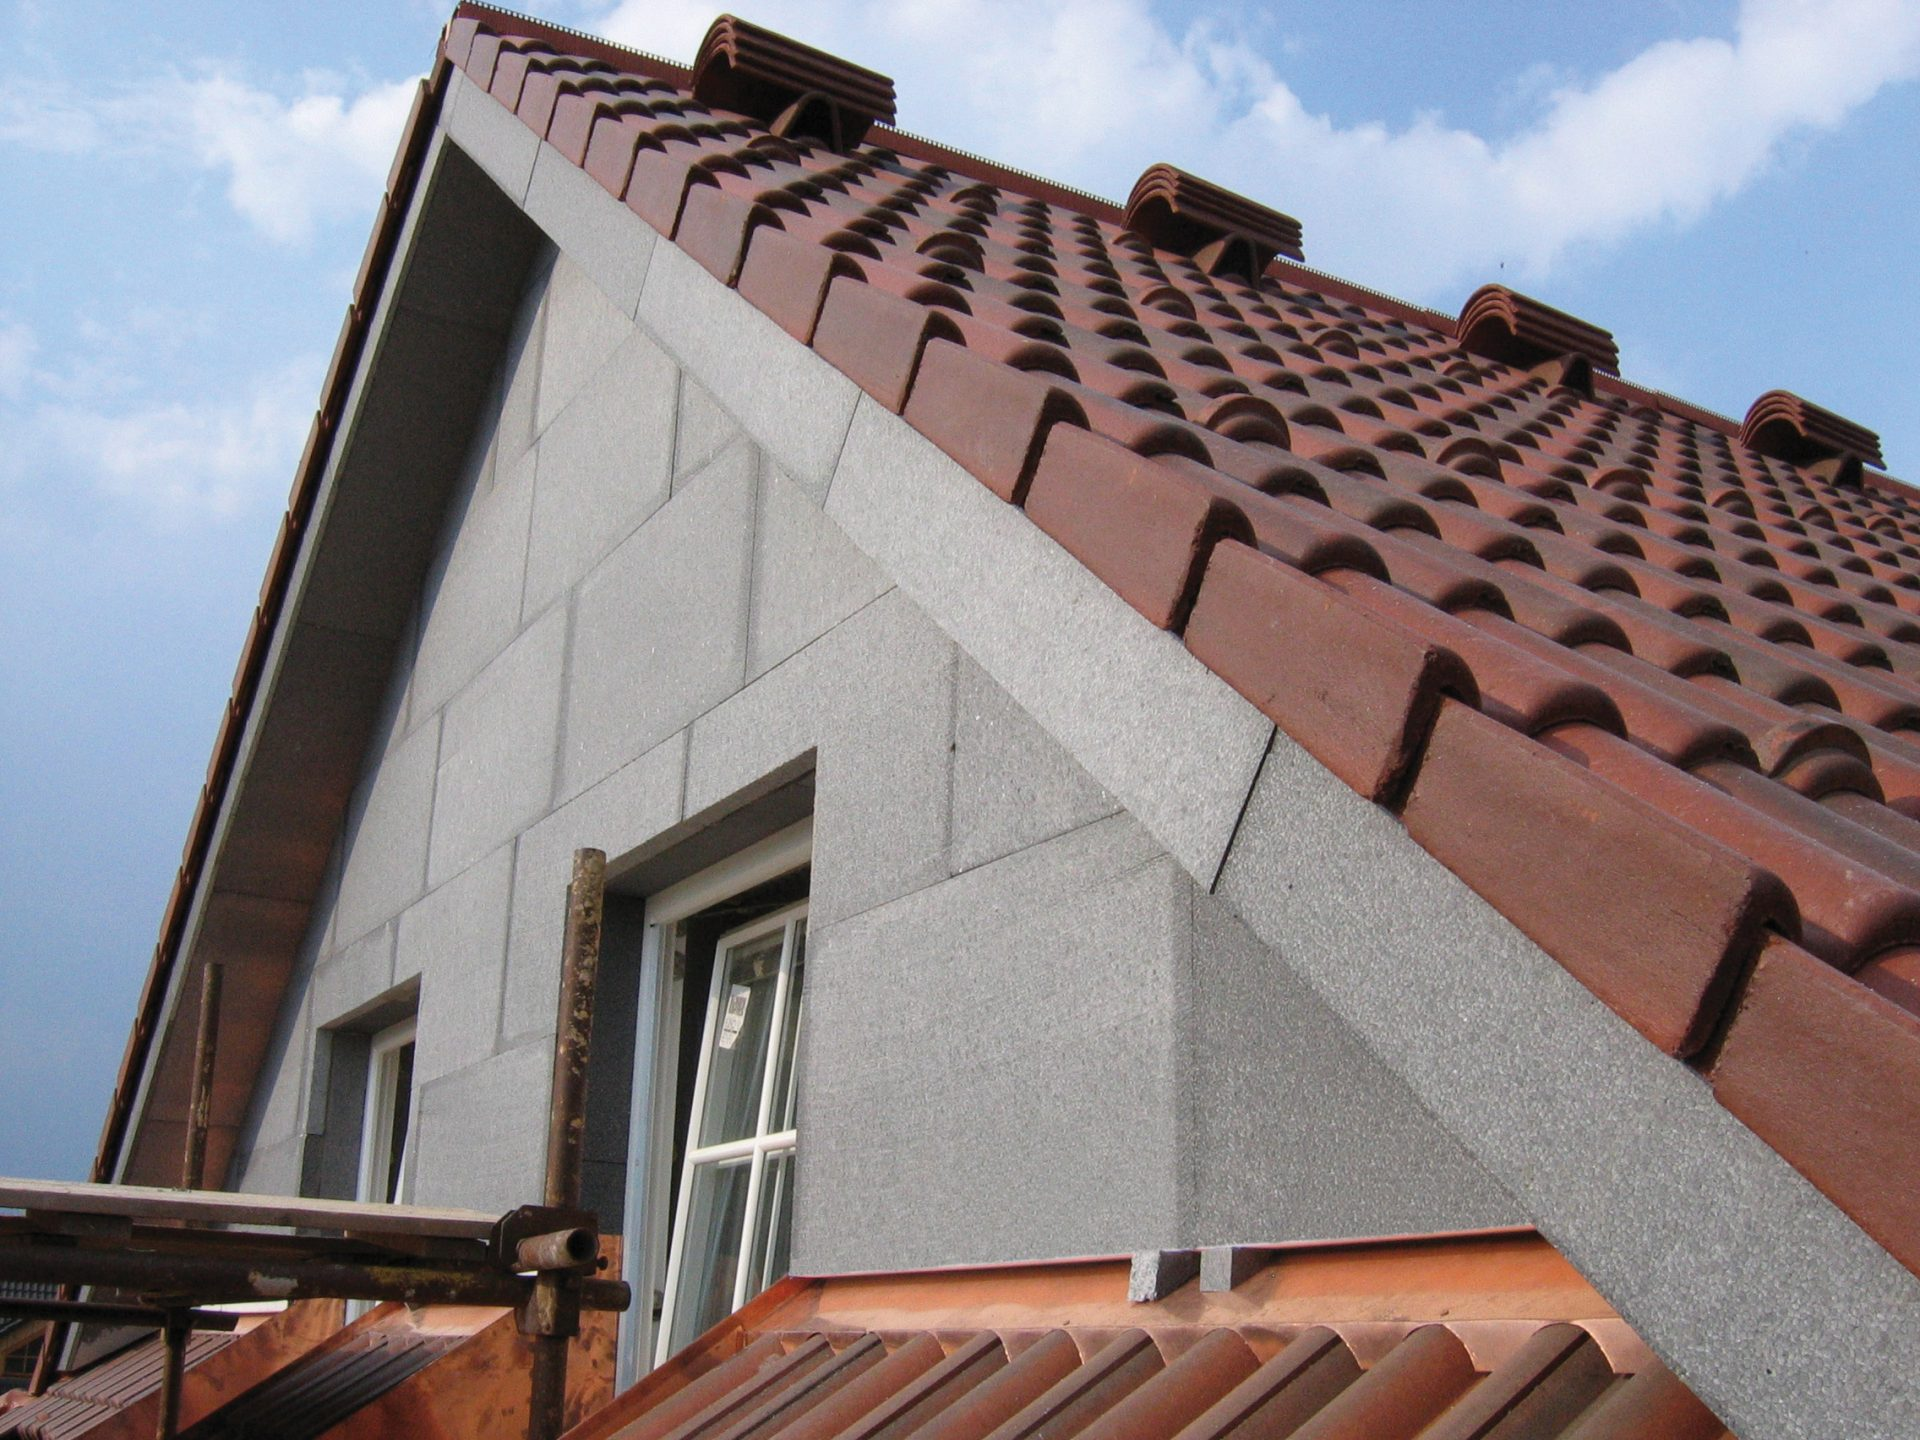 sivy-polystyren-greywall-dom-strecha-okna-krytina